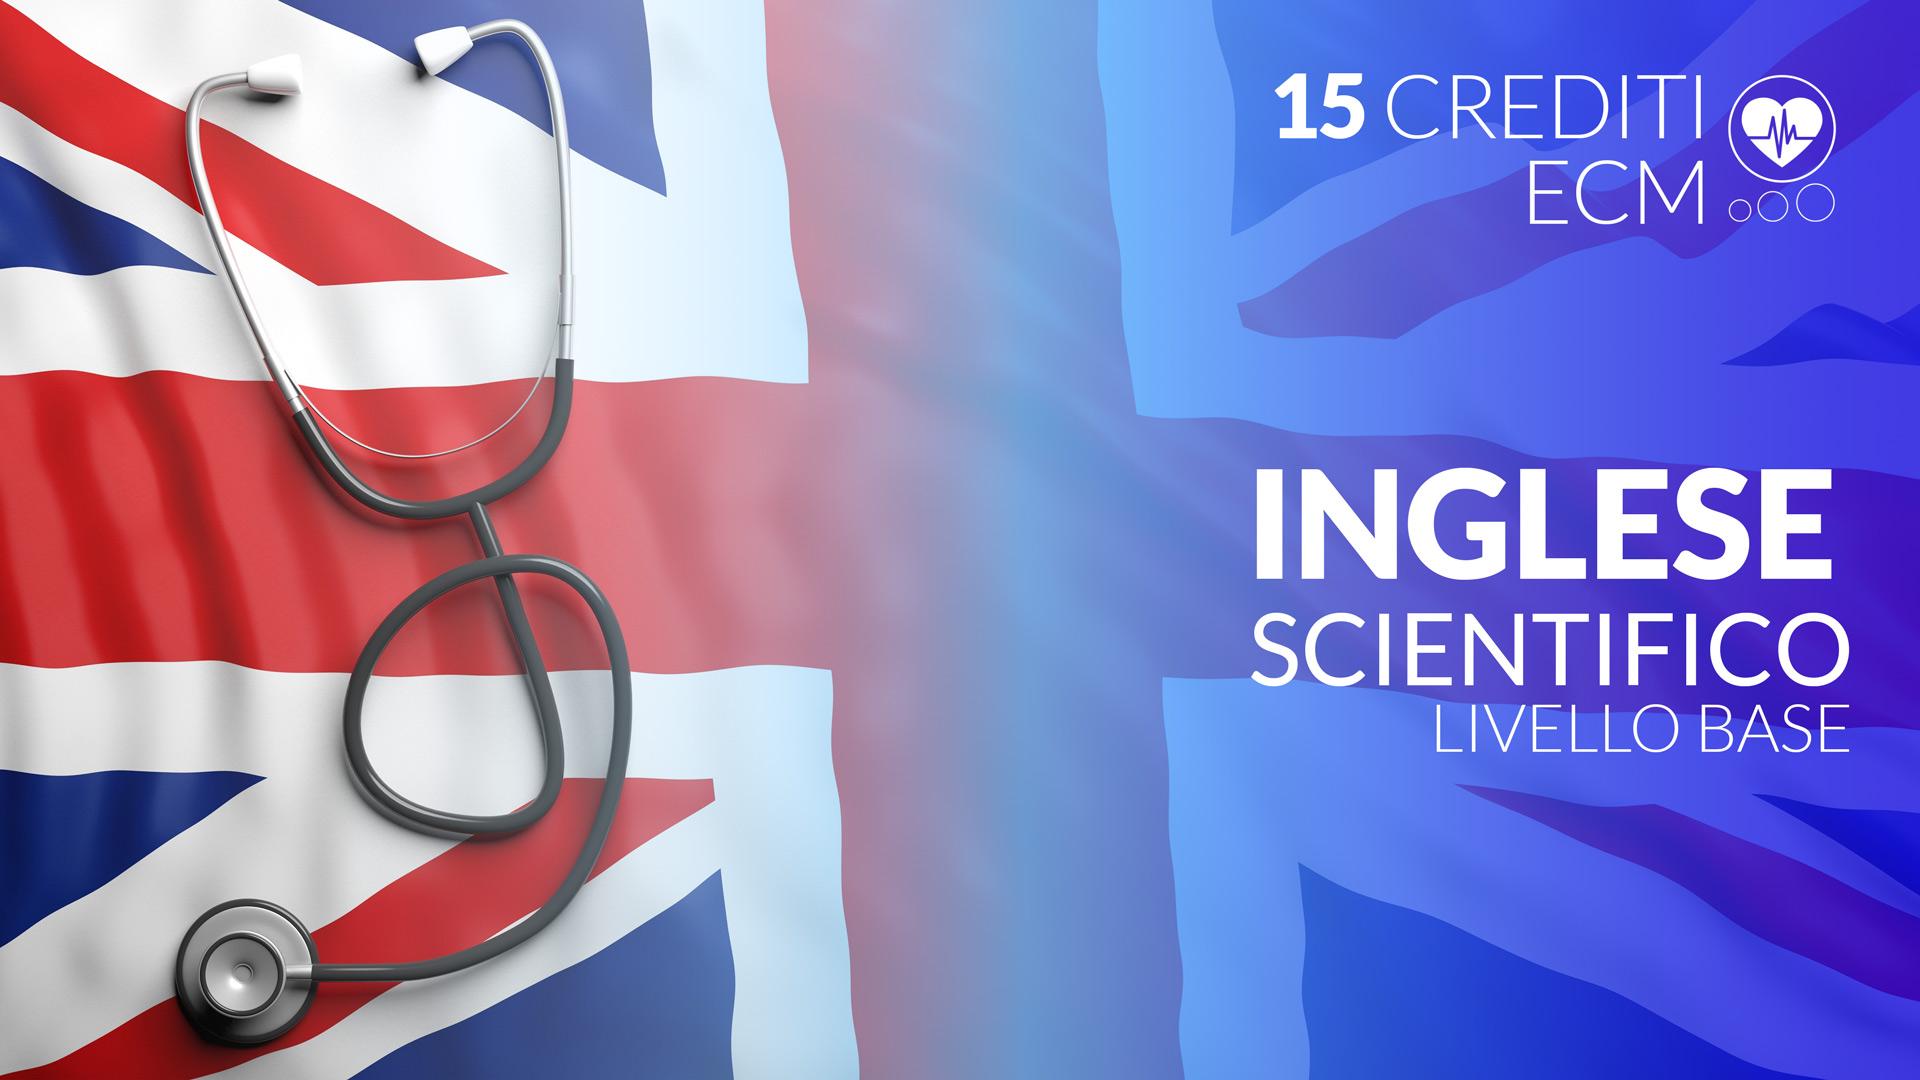 Inglese scientifico – livello base